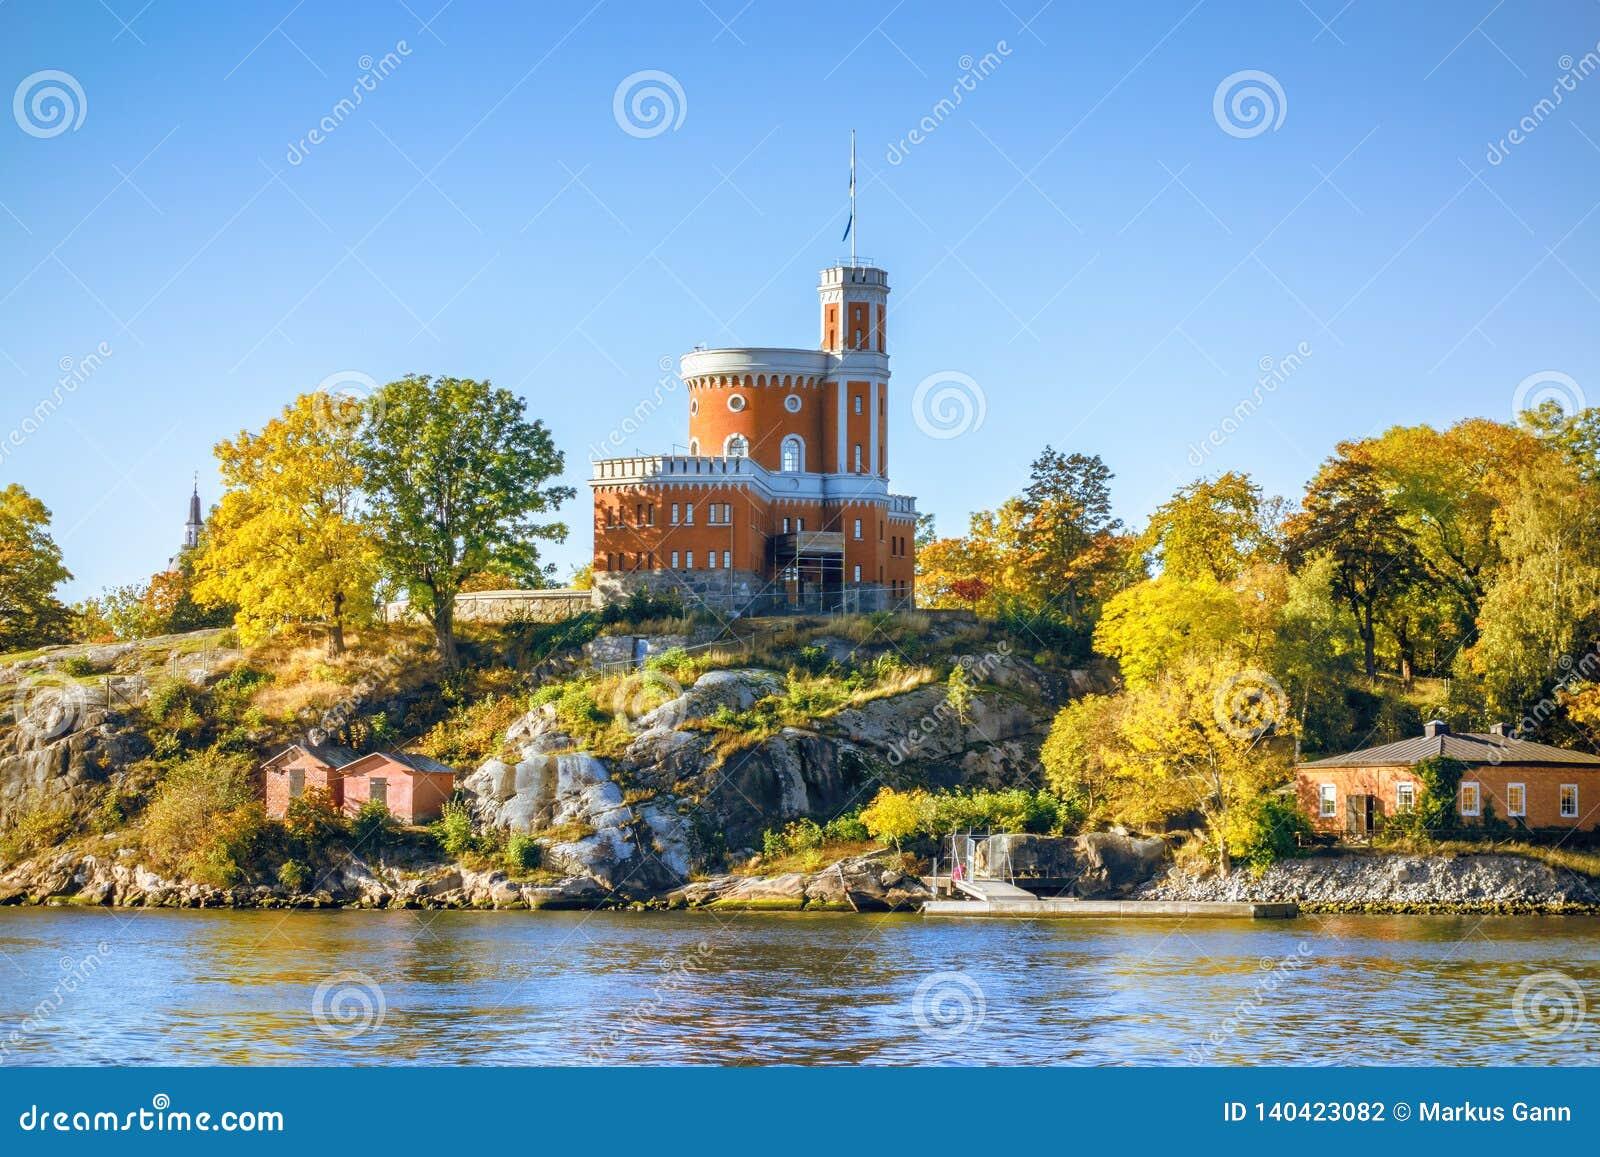 μικρό κάστρο στη Στοκχόλμη Σουηδία